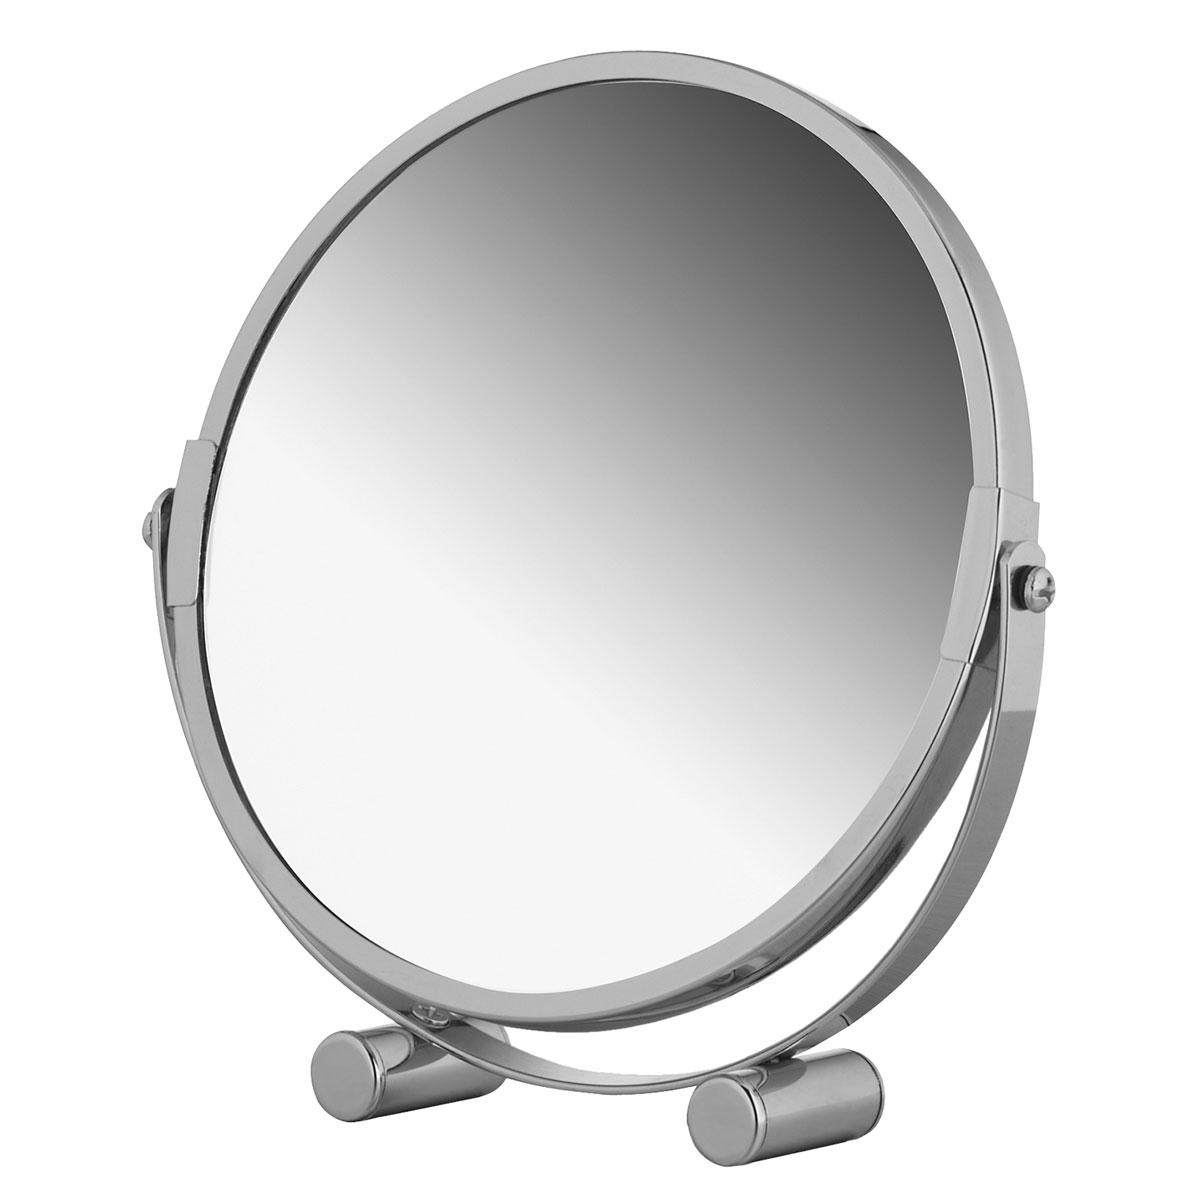 Зеркало двухстороннее Tatkraft Eos, настольное, диаметр 17 см1301210Двухстороннее настольное зеркало Tatkraft Eos с увеличением с одной стороны отлично подойдет для нанесения макияжа и проведения процедур по уходу за кожей лица. Зеркало диаметром 17 см изготовлено из хромированной стали и имеет 2-х кратное увеличение. Компактный размер позволяет брать зеркало с собой в поездки.